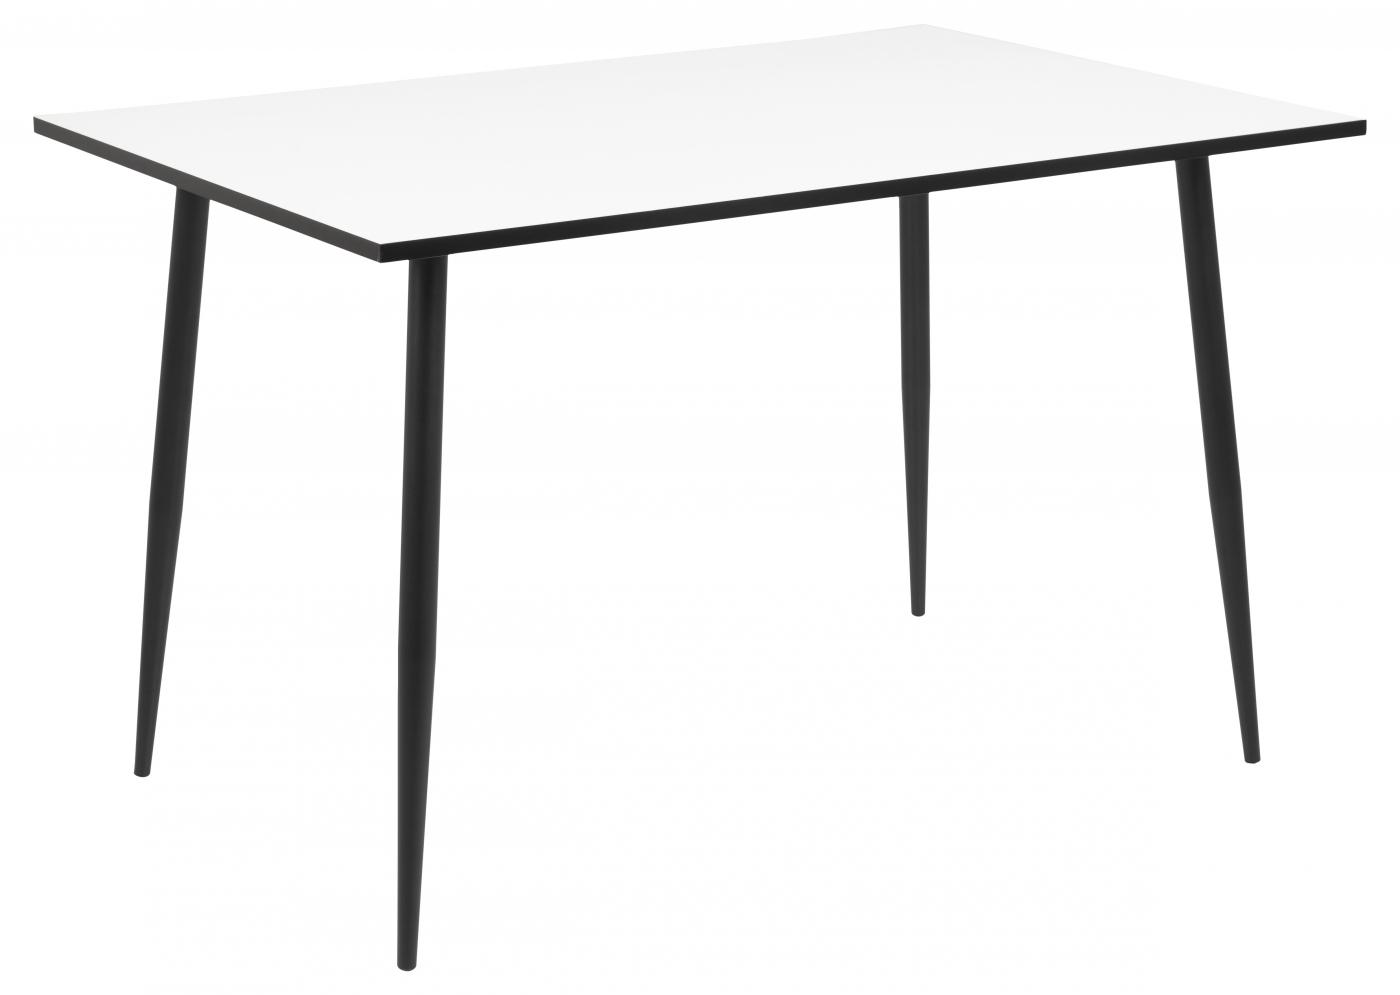 Jídelní stůl Wila, 120 cm, bílá / kov